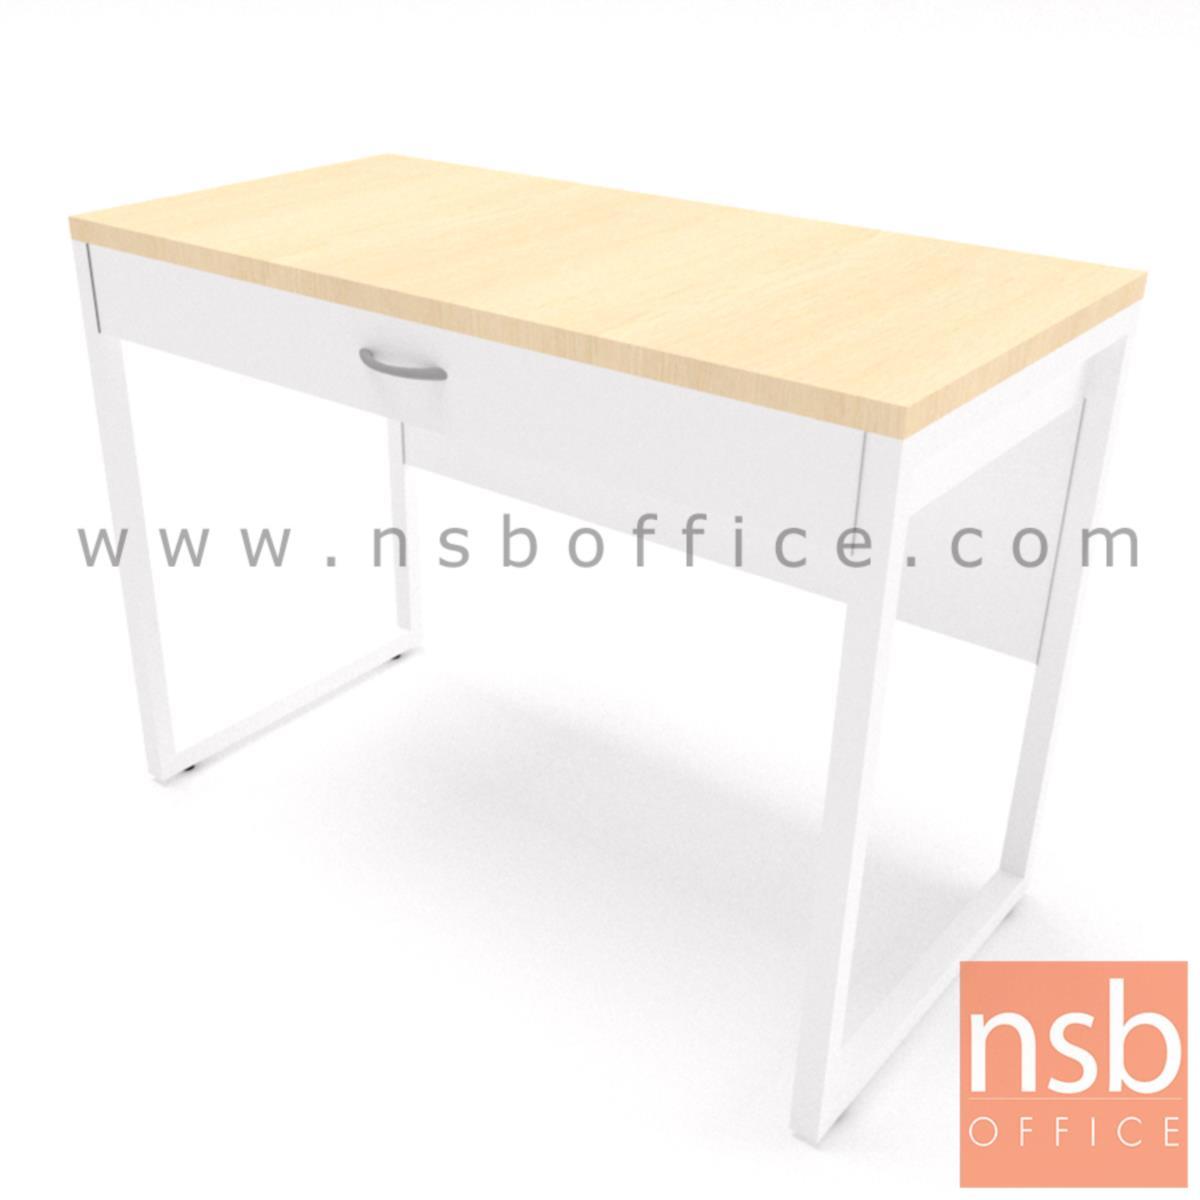 A10A093:โต๊ะทำงาน 1 ลิ้นชัก รุ่น Marie (มารียา) ขนาด 80W, 100W cm. ขาเหล็ก